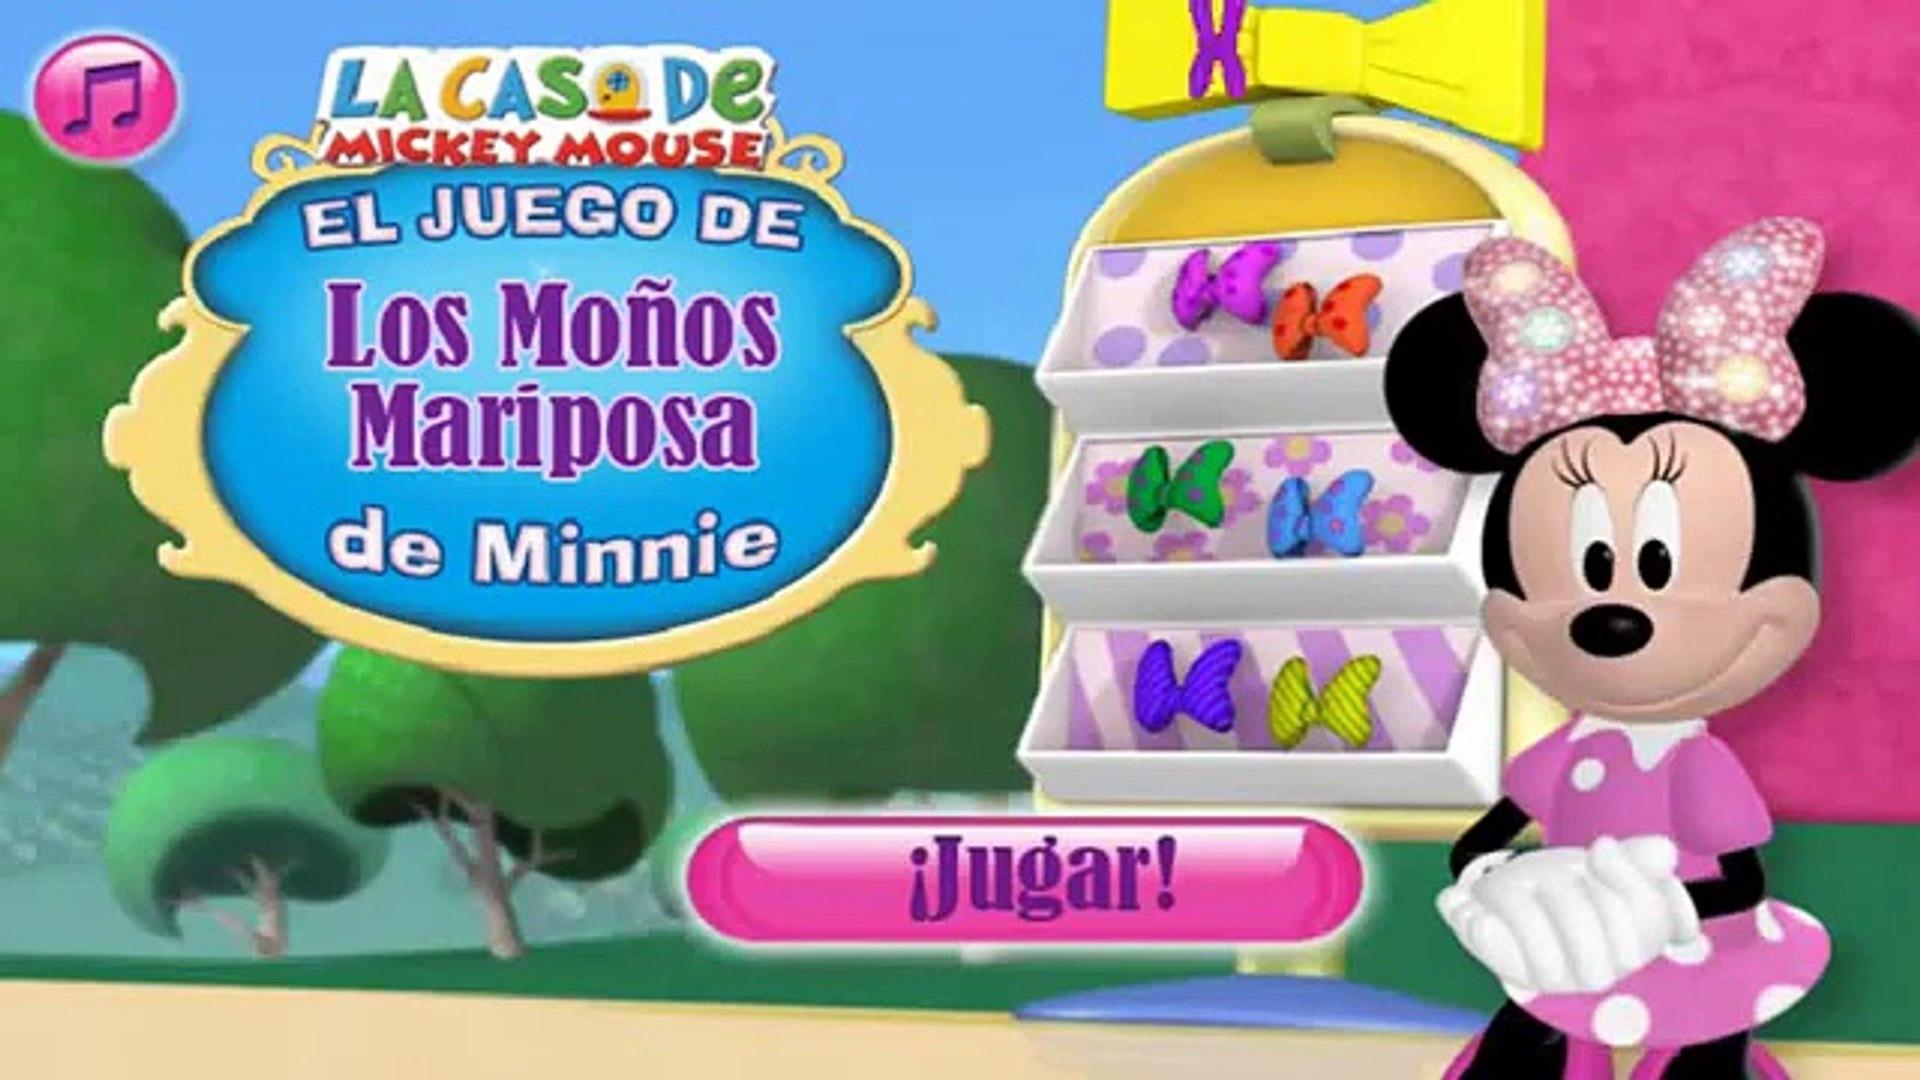 La Casa De Mickey Mouse El Juego De Los Monos Mariposa De Minnie En Espanol Capitulos Completos